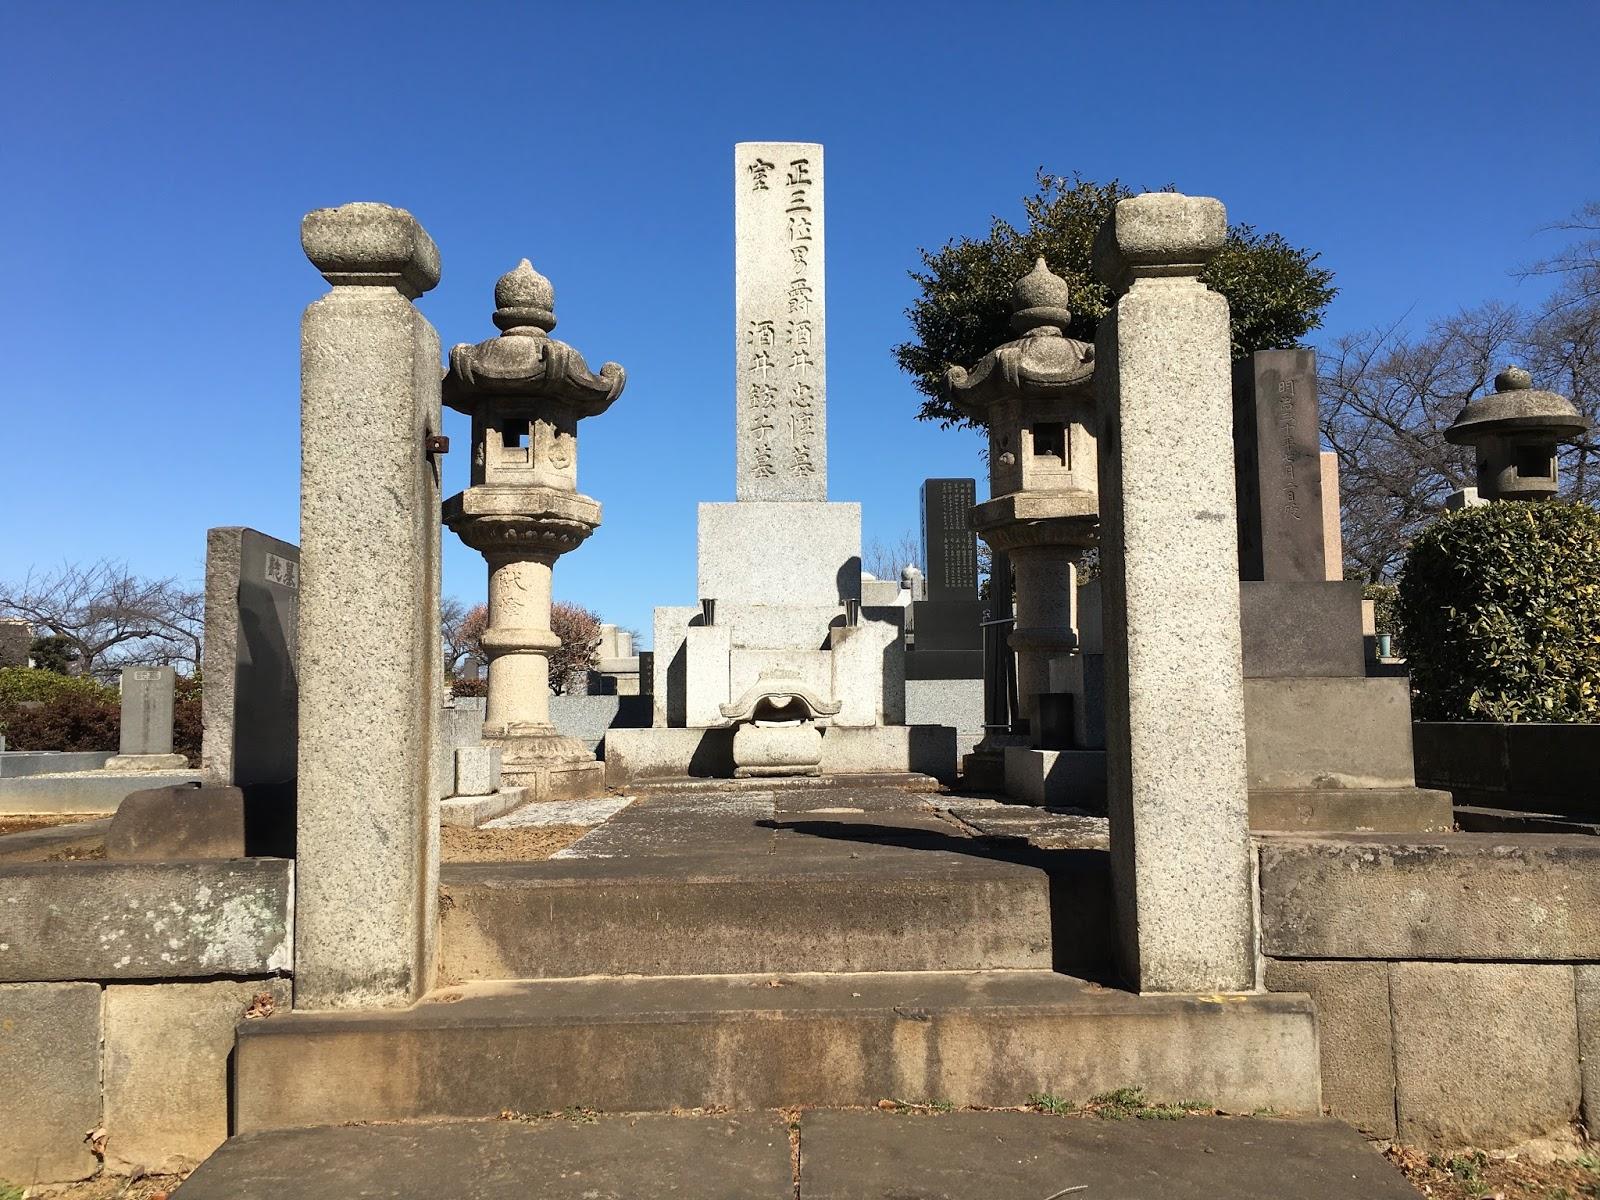 酒井忠惇(さかい ただとし)|墓...